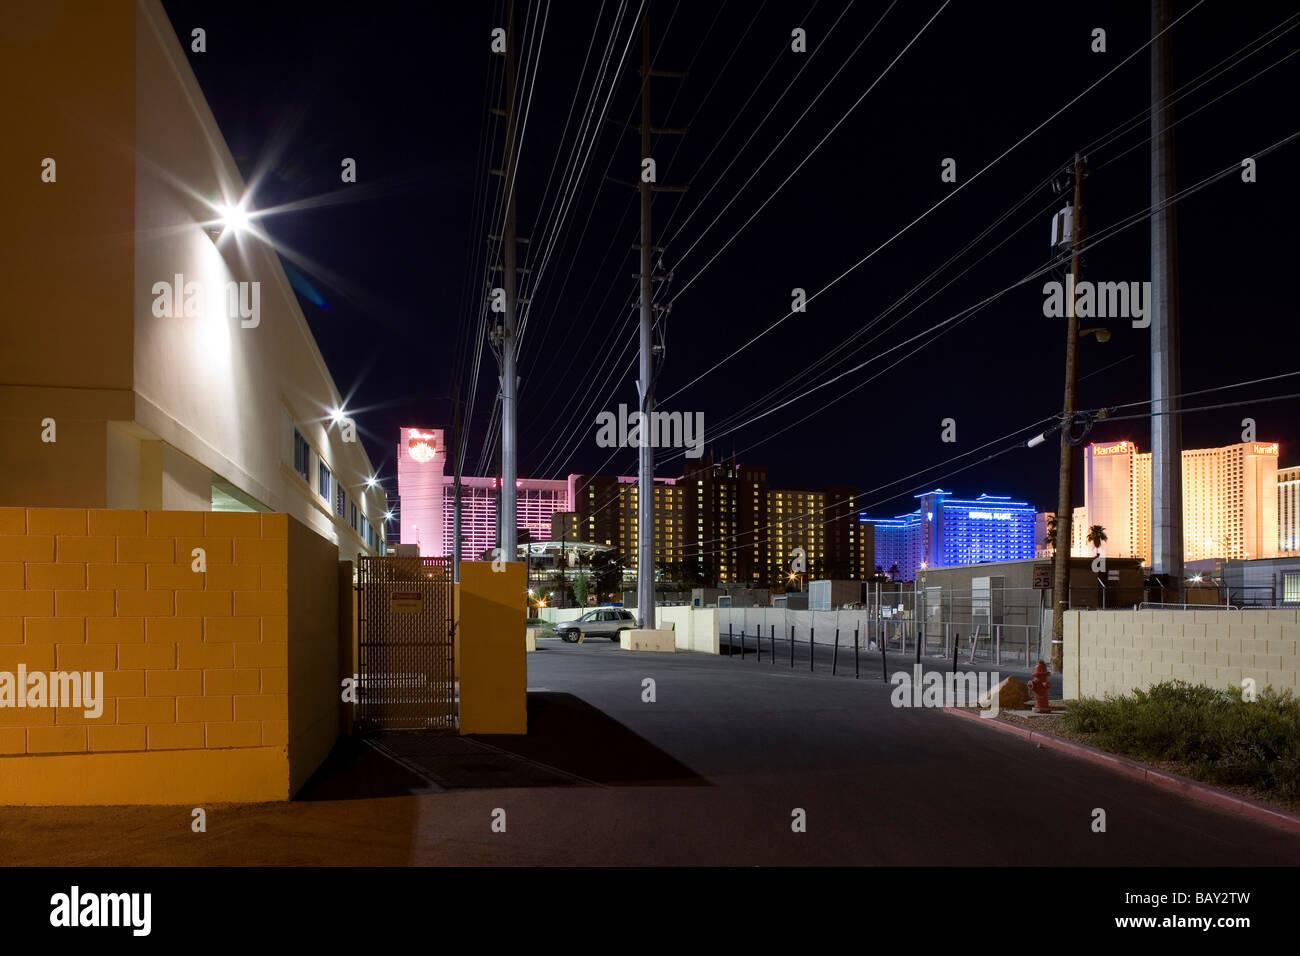 Parking Spaces, Backyard Of The Las Vegas Casinos, Las Vegas, Nevada, USA